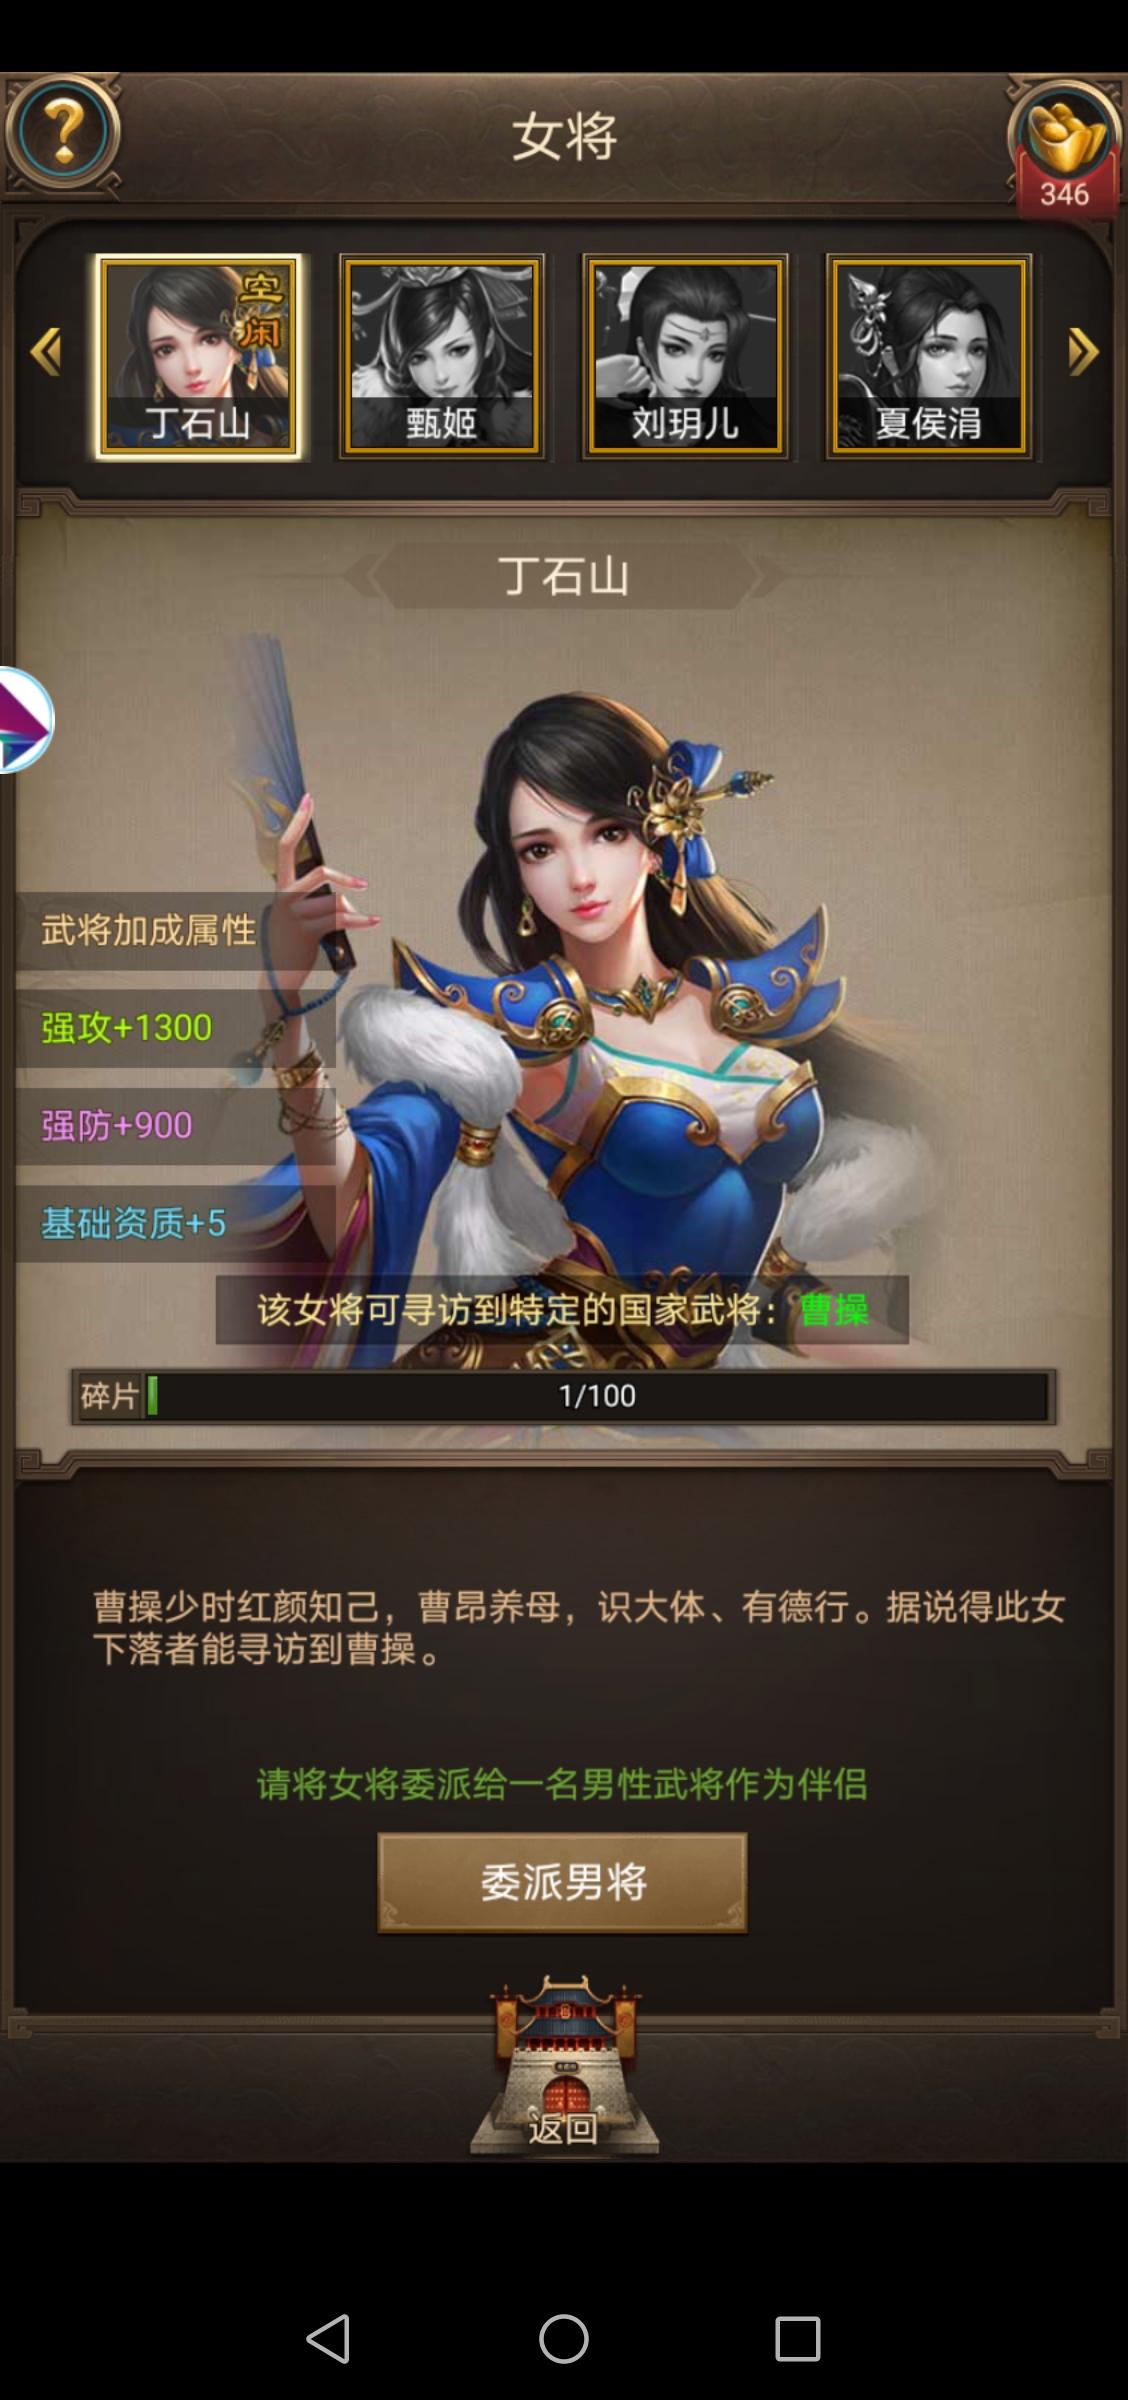 Screenshot_20191210_194236_com.jedigames.p16.shan.jpg